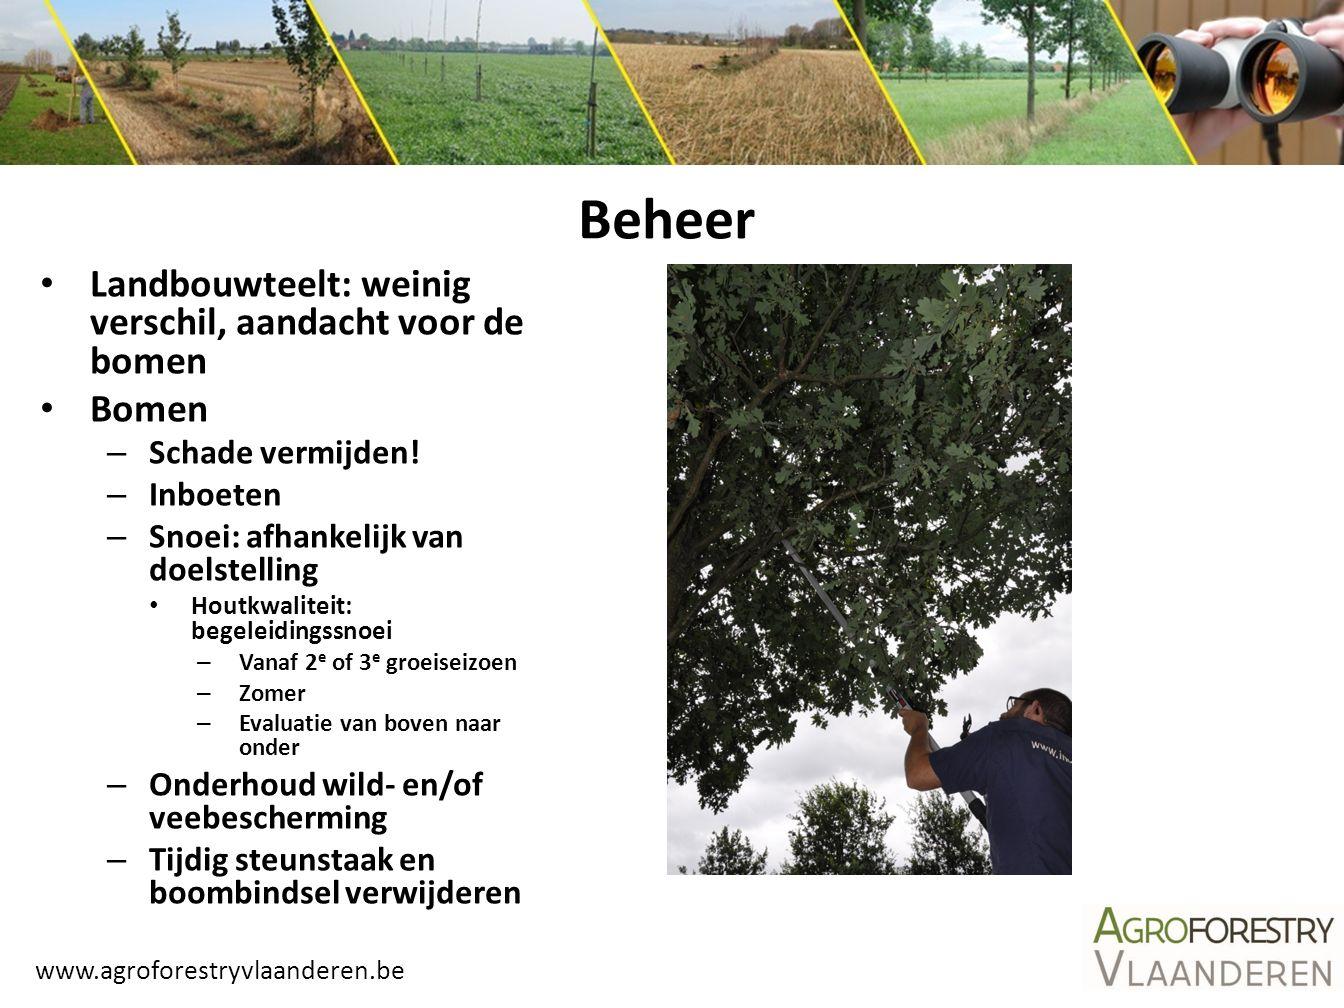 www.agroforestryvlaanderen.be Landbouwteelt: weinig verschil, aandacht voor de bomen Bomen – Schade vermijden! – Inboeten – Snoei: afhankelijk van doe